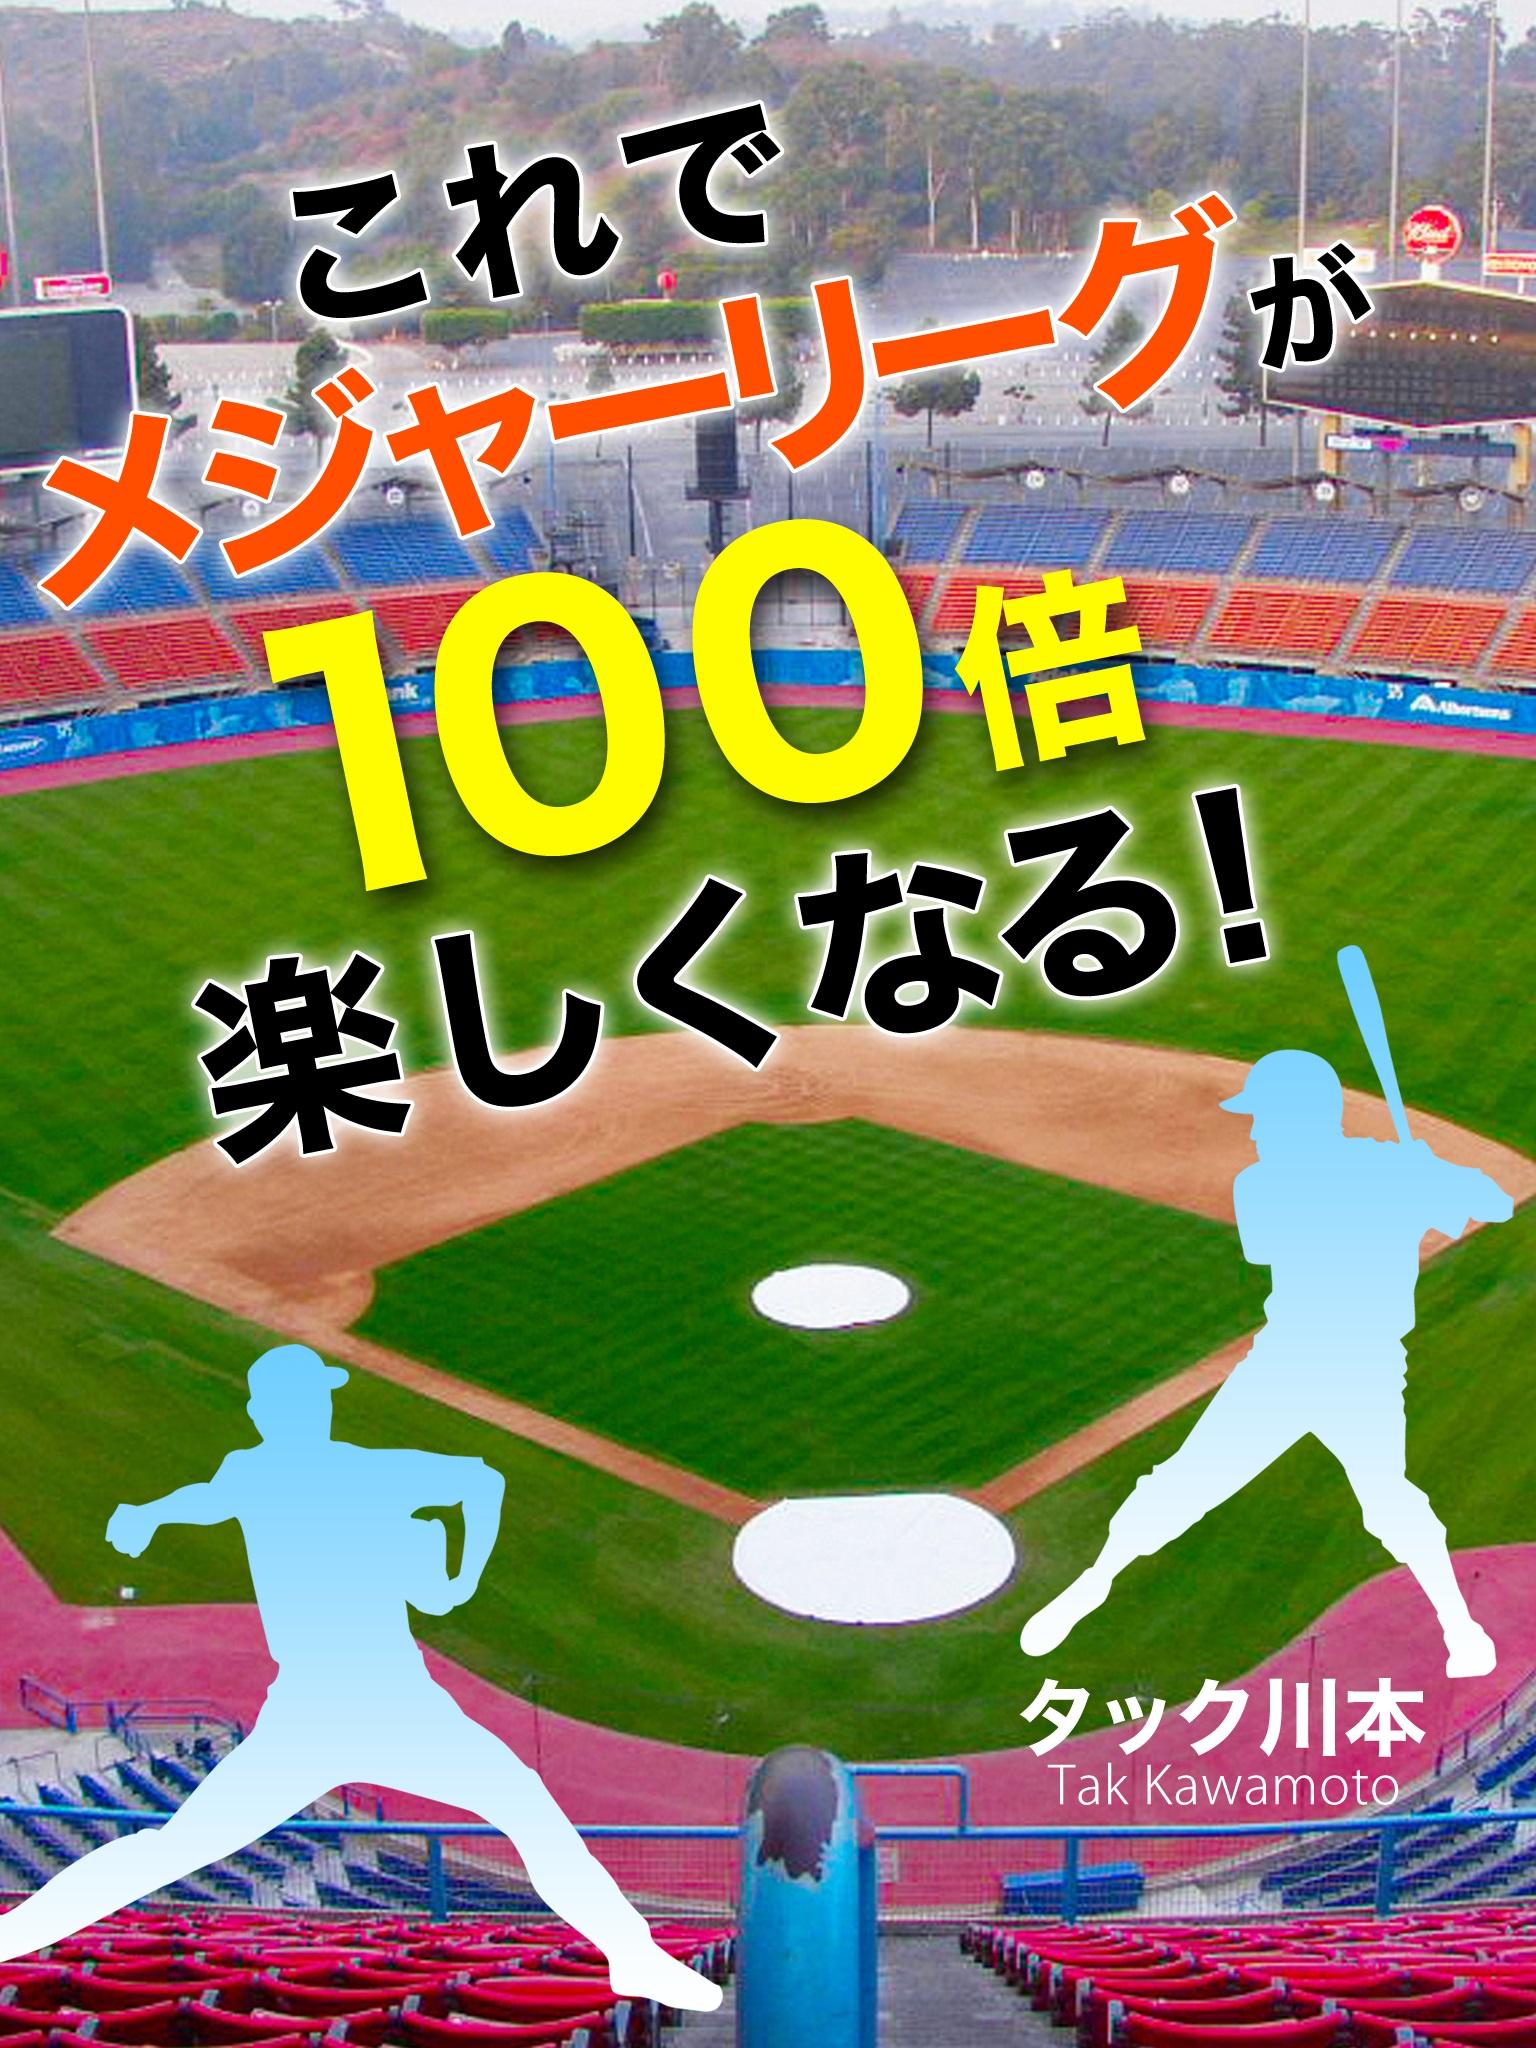 これでメジャーリーグが100倍楽しくなる!